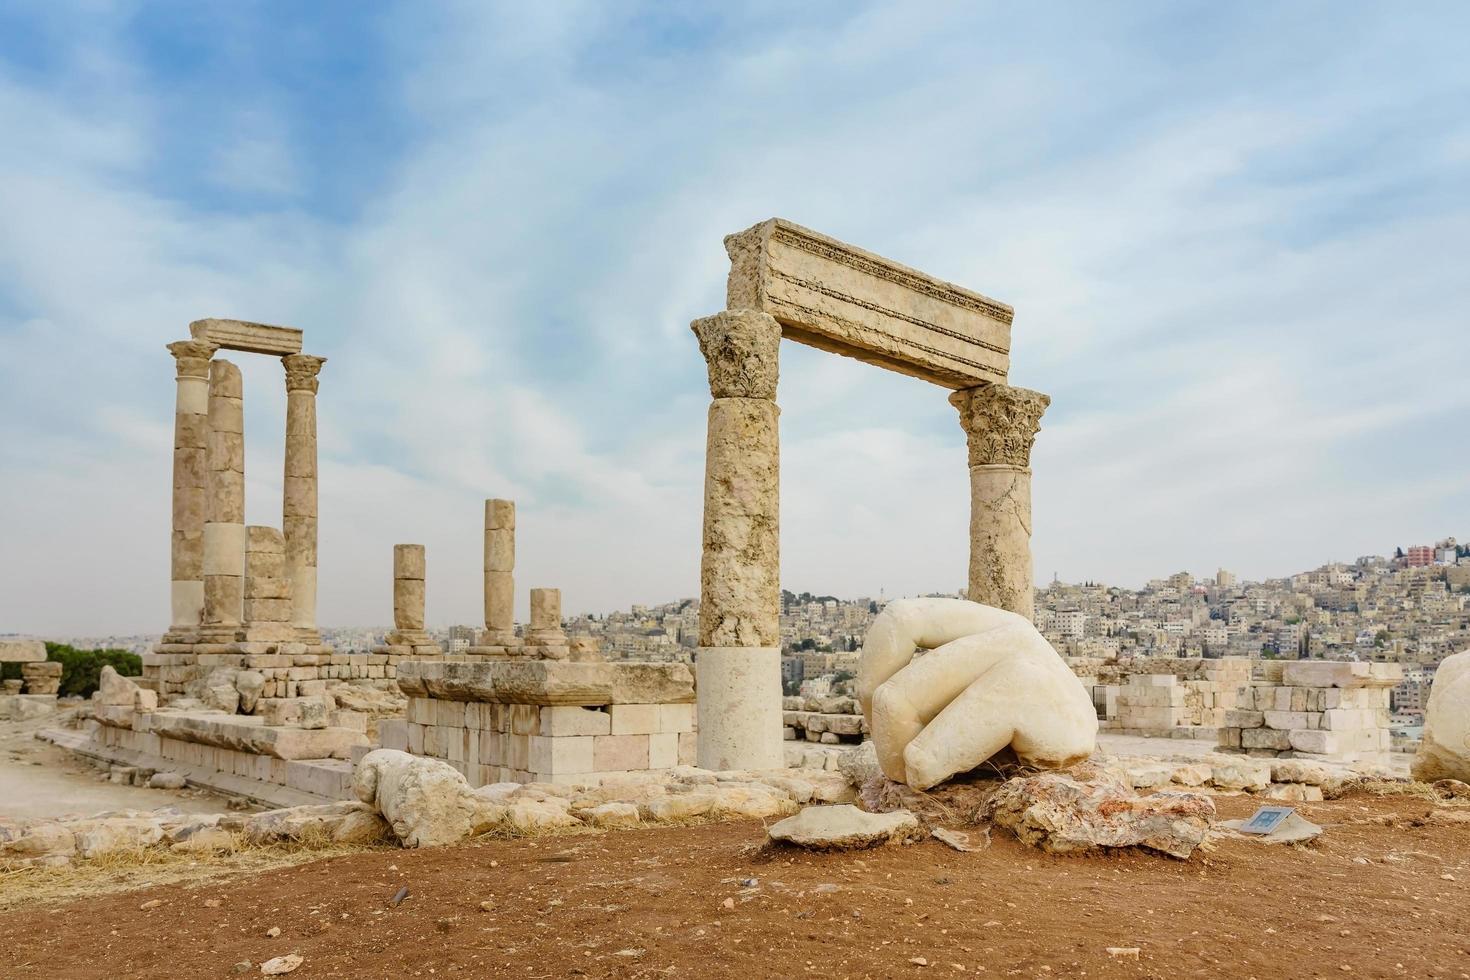 Tempel des Herkules, römische korinthische Säulen am Zitadellenhügel in Amman, Jordanien foto